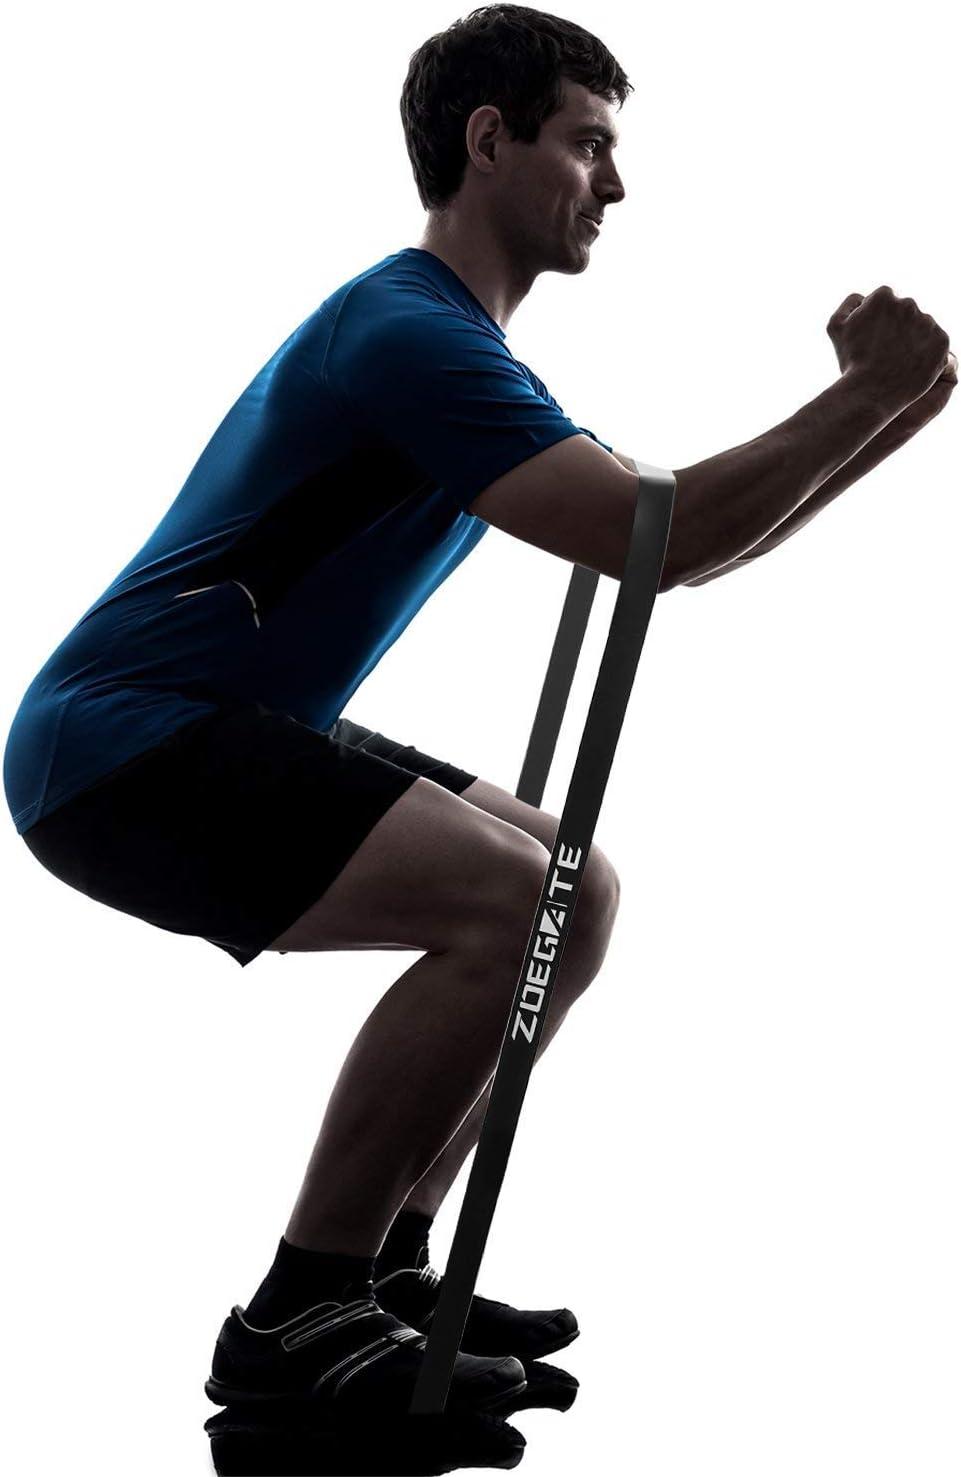 Speedsporting Sport Bande Elastique de R/ésistance Band Bande /Élastique Fitness Bande de R/ésistance pour Fitness Yoga Entrainement Crossfit et Motrice